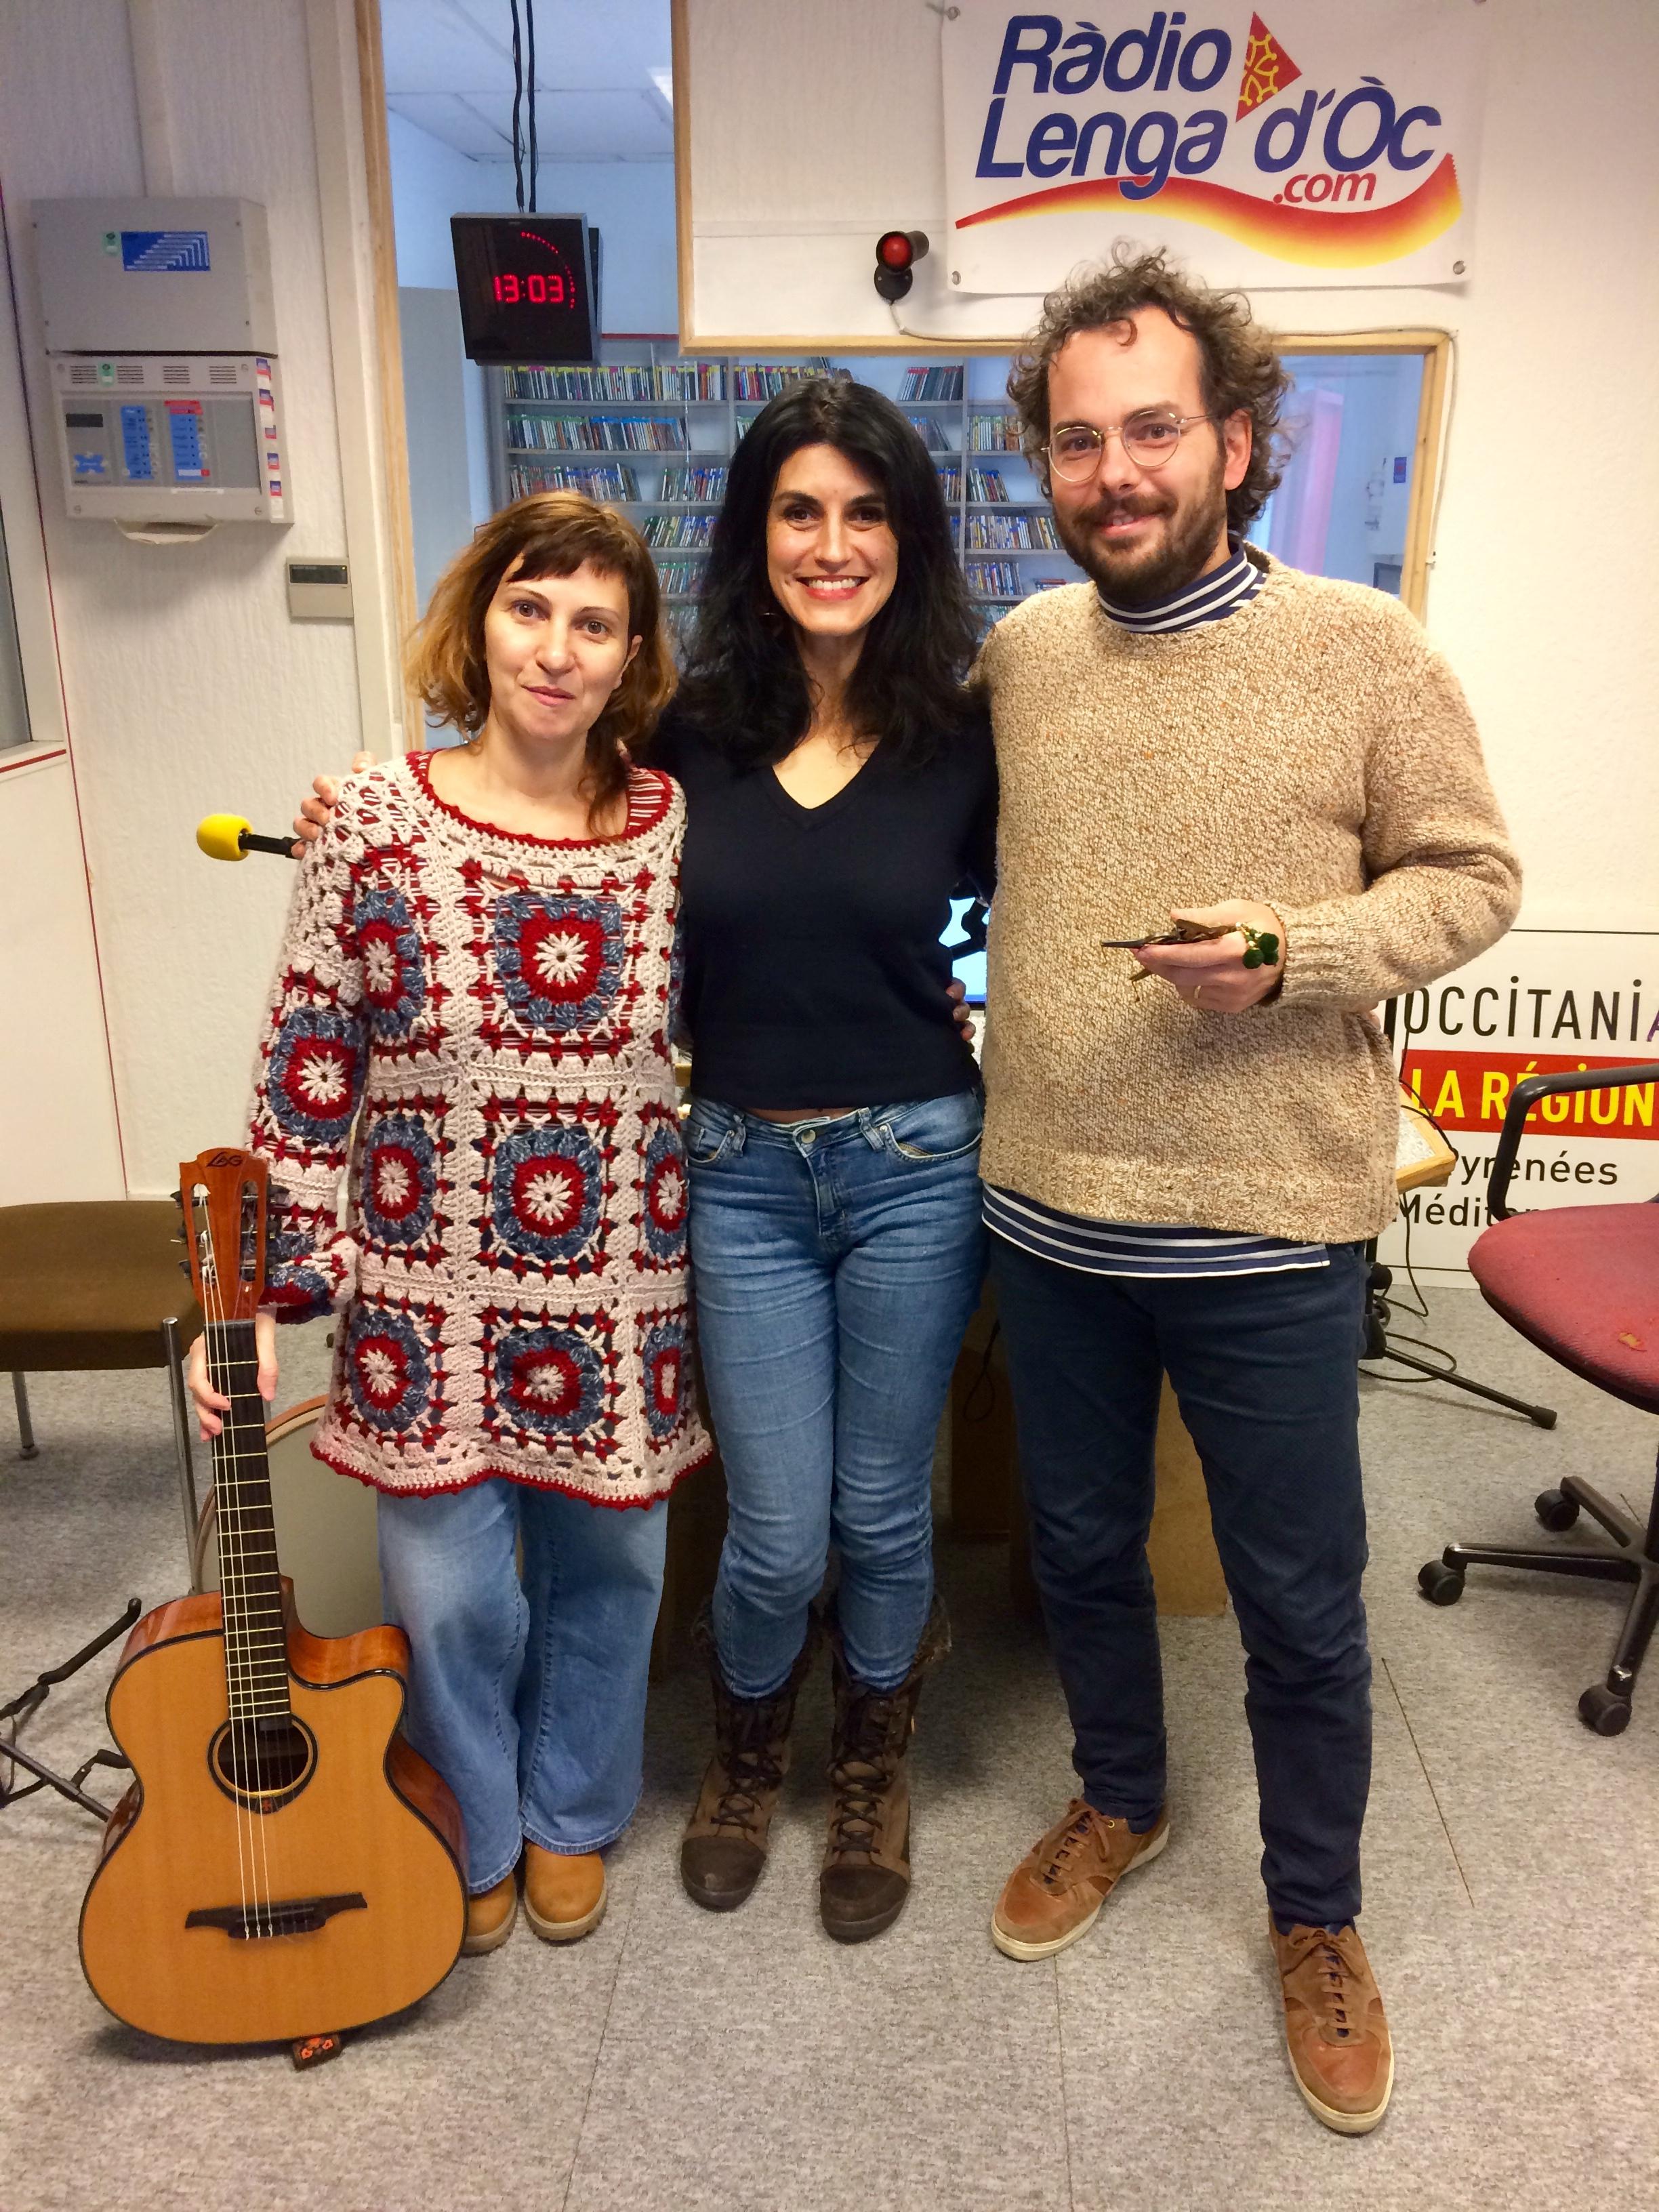 2018-11-19 - Liliana Di Calògero e Mathias Esnault 02 (Miègjornau)